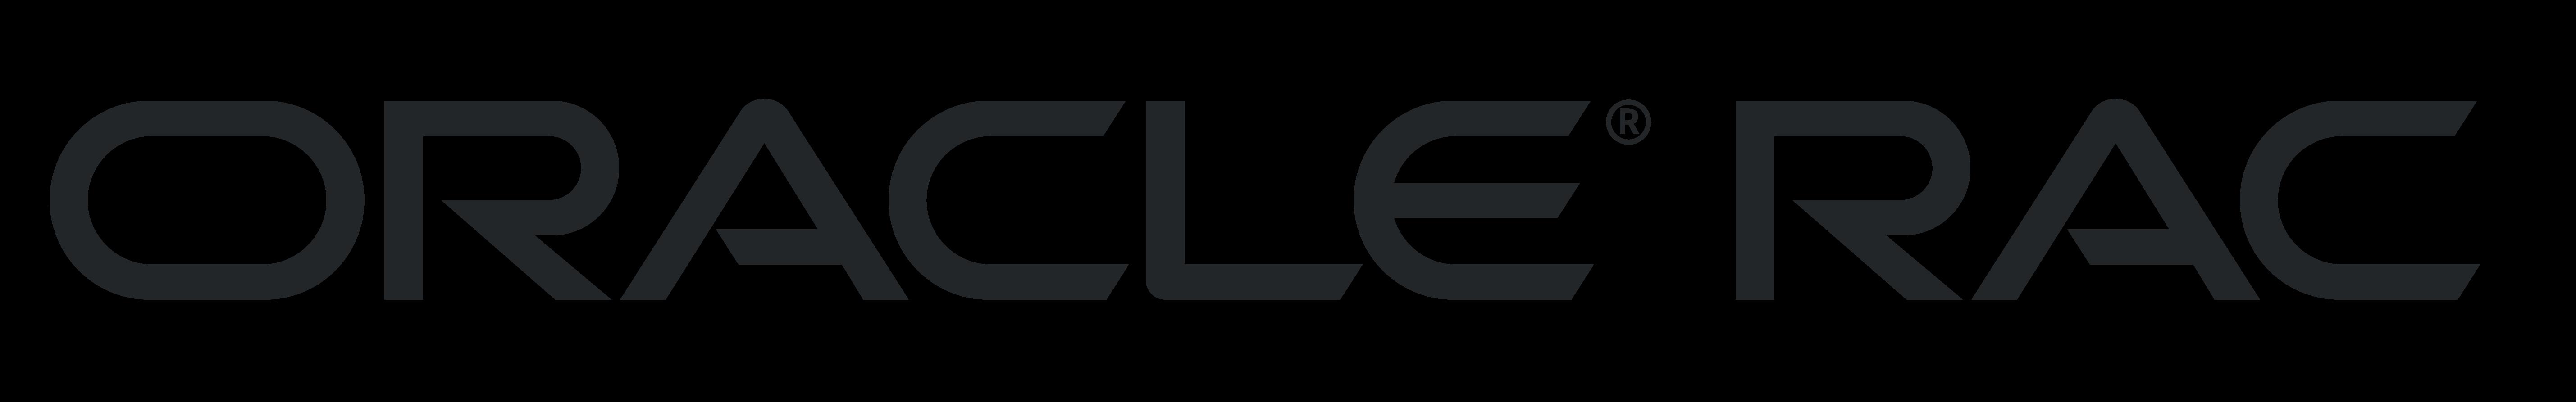 hyve-oracle-oracle-logo-grey